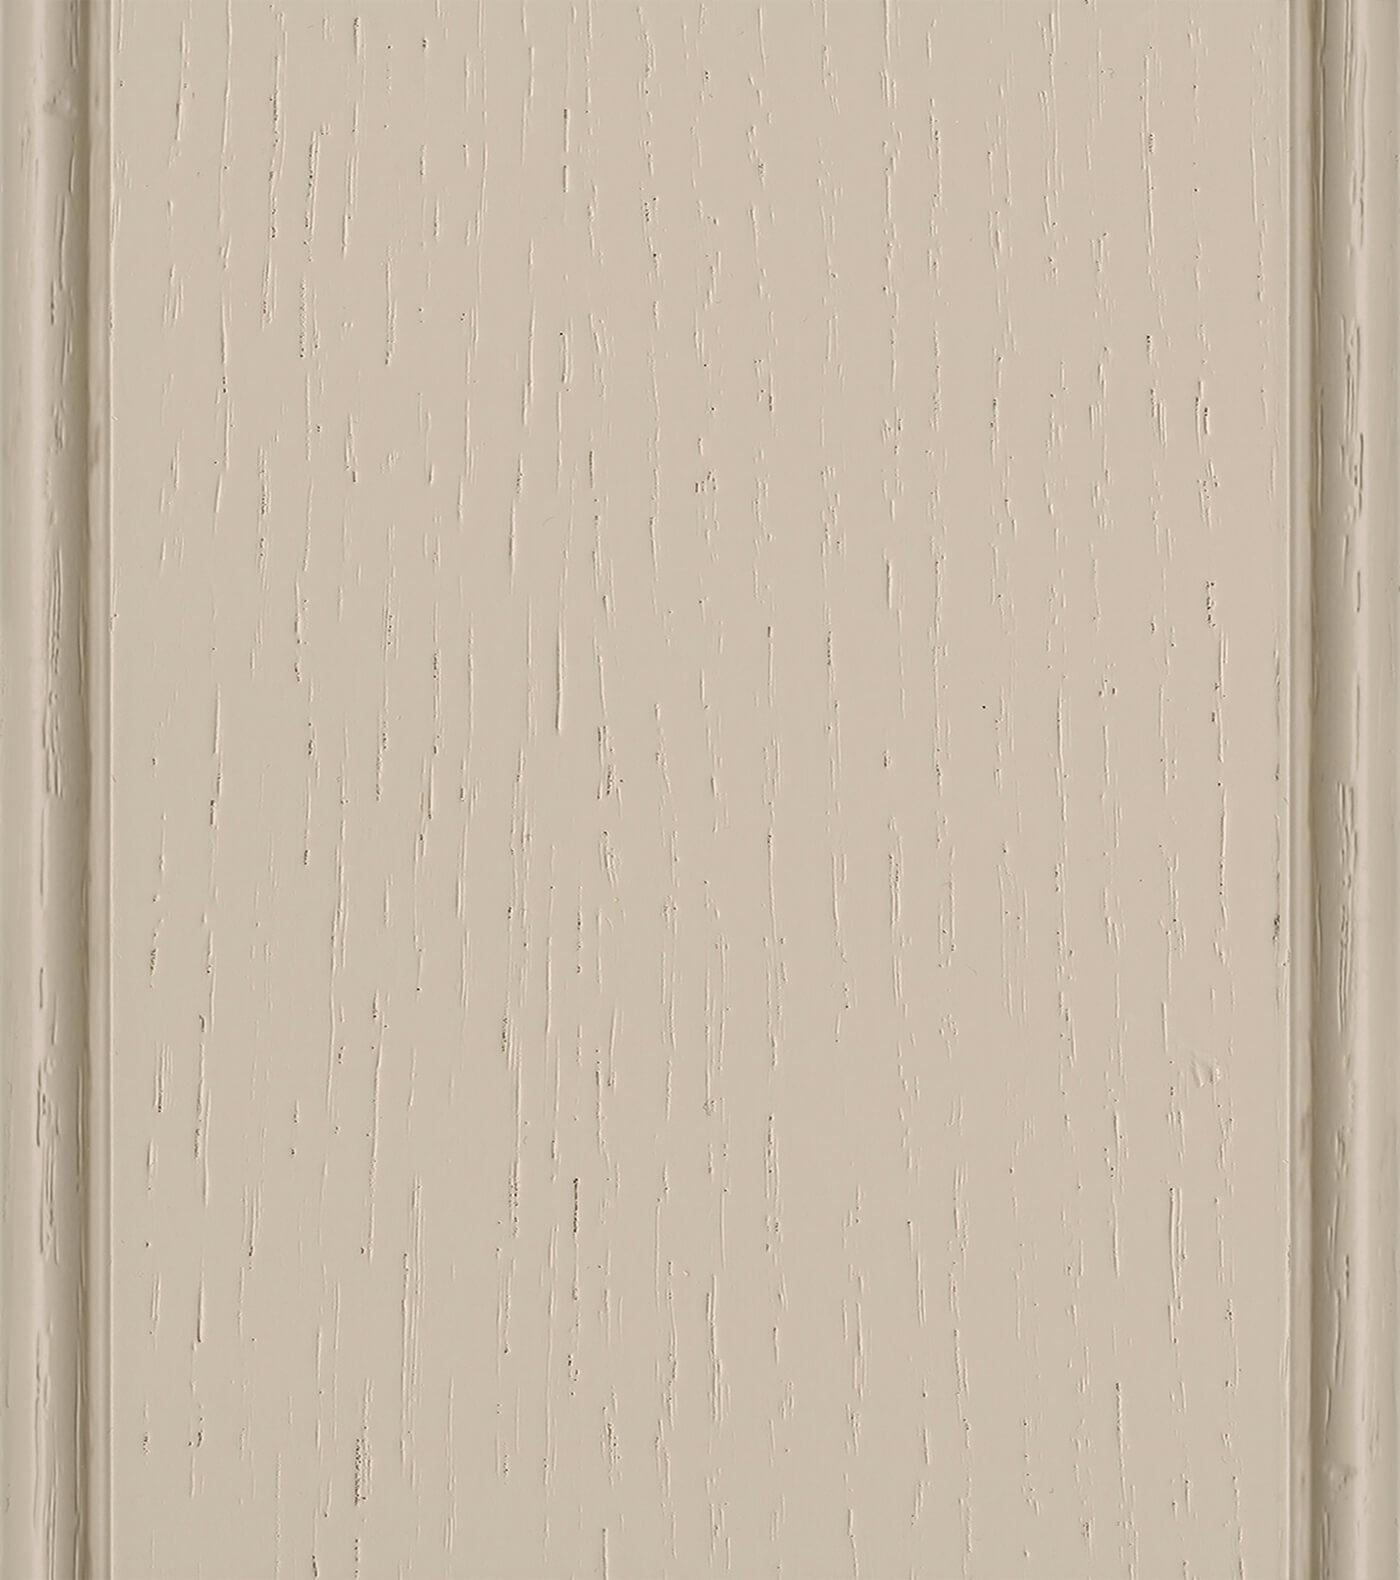 Latte Paint on Red Oak or Quarter-Sawn Red Oak